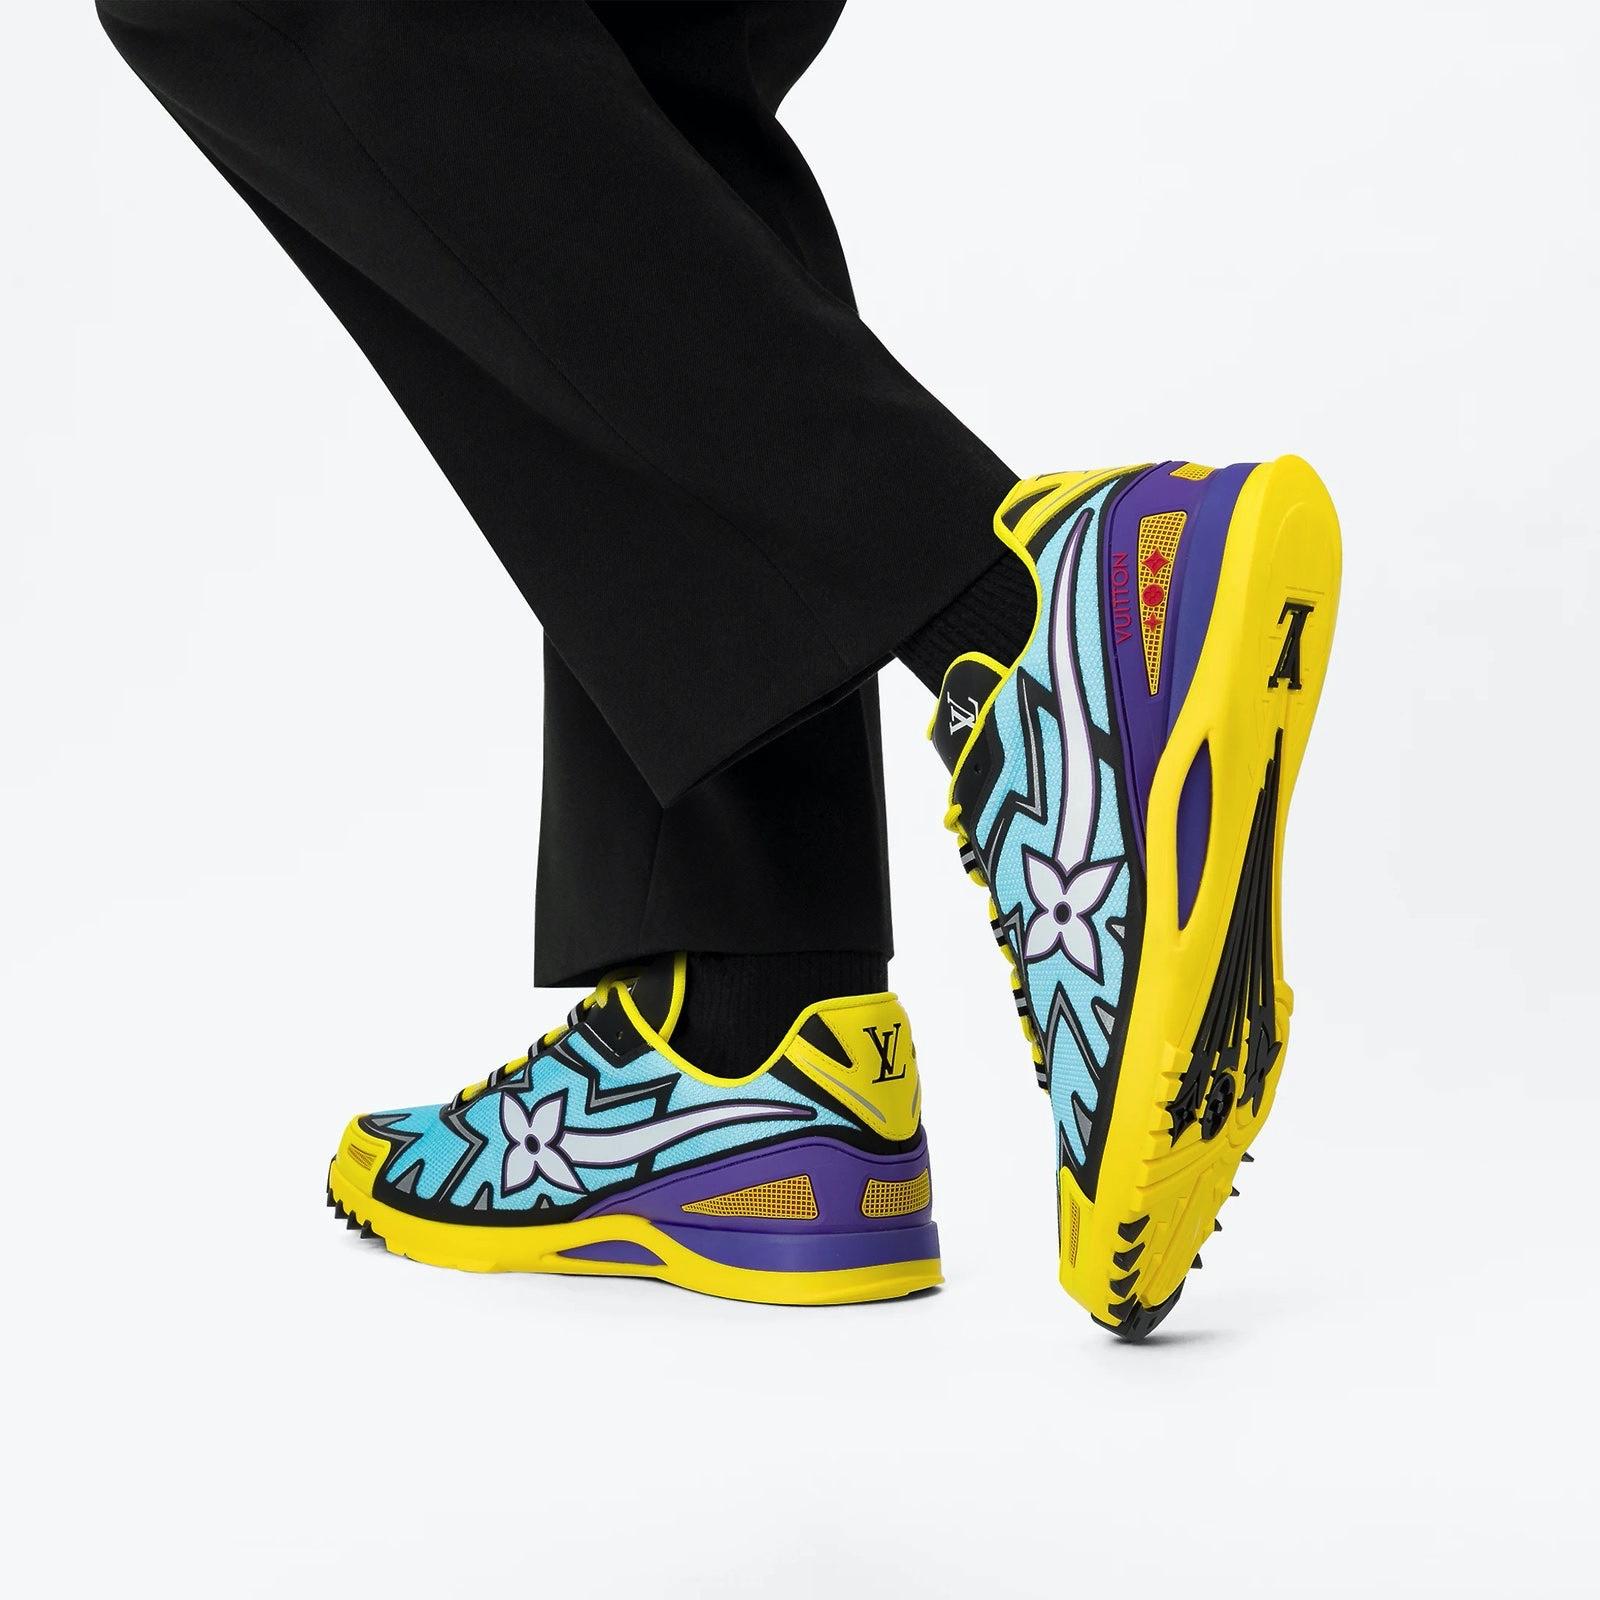 Louis Vuitton y sus botas de fútbol